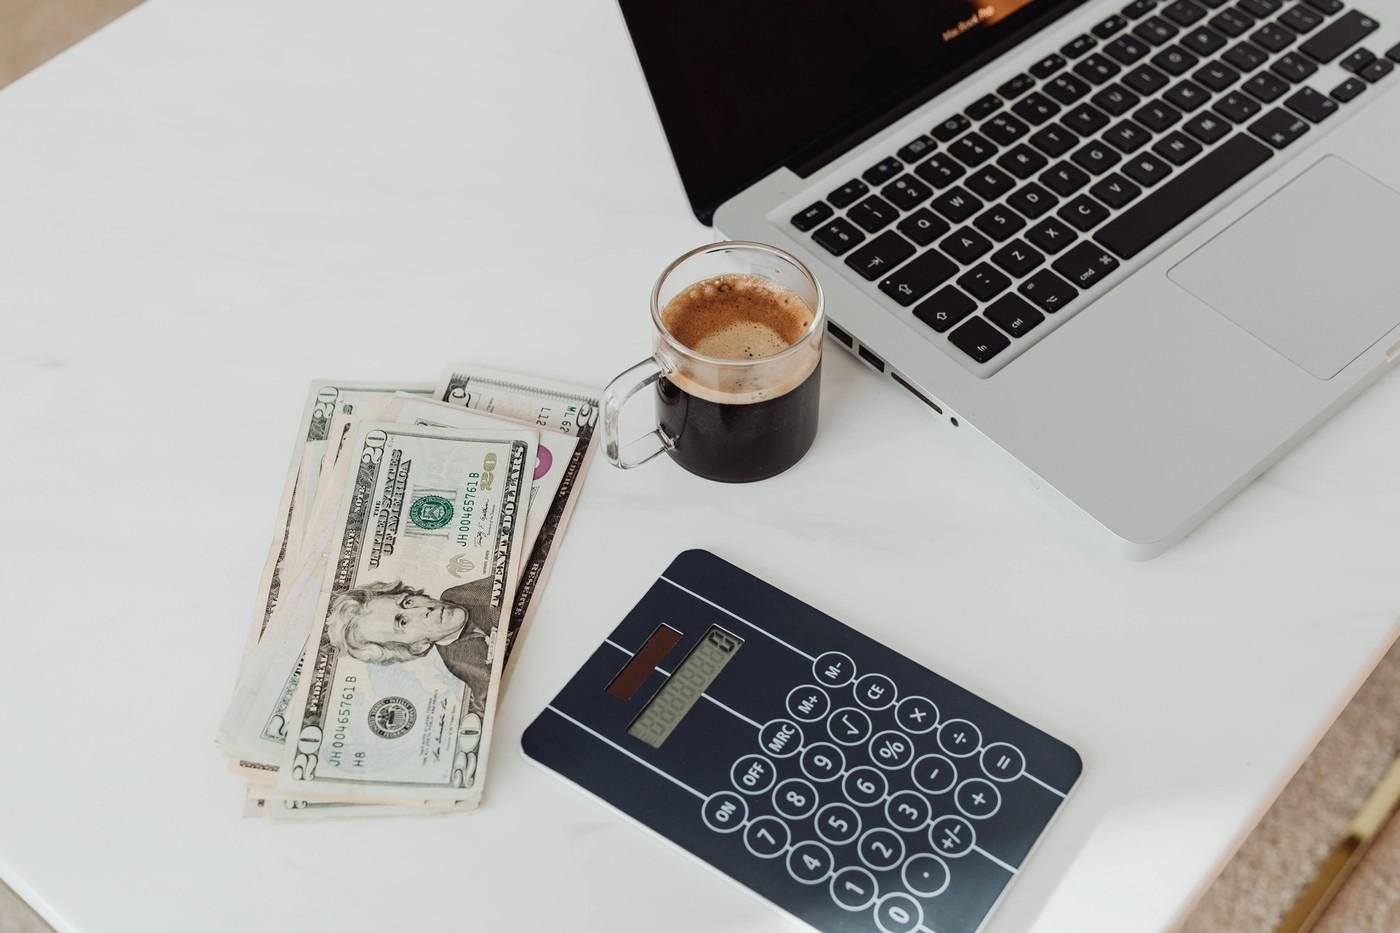 Des billets posés sur une table avec une calculatrice